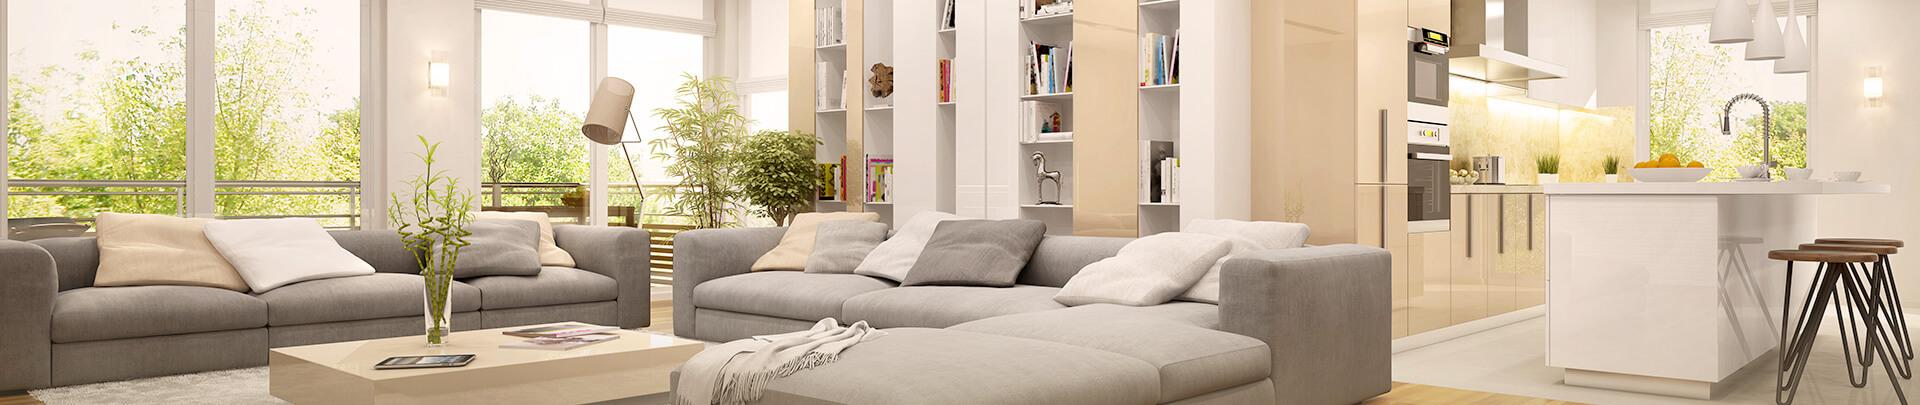 Mehrfamilienhaus Wohnung